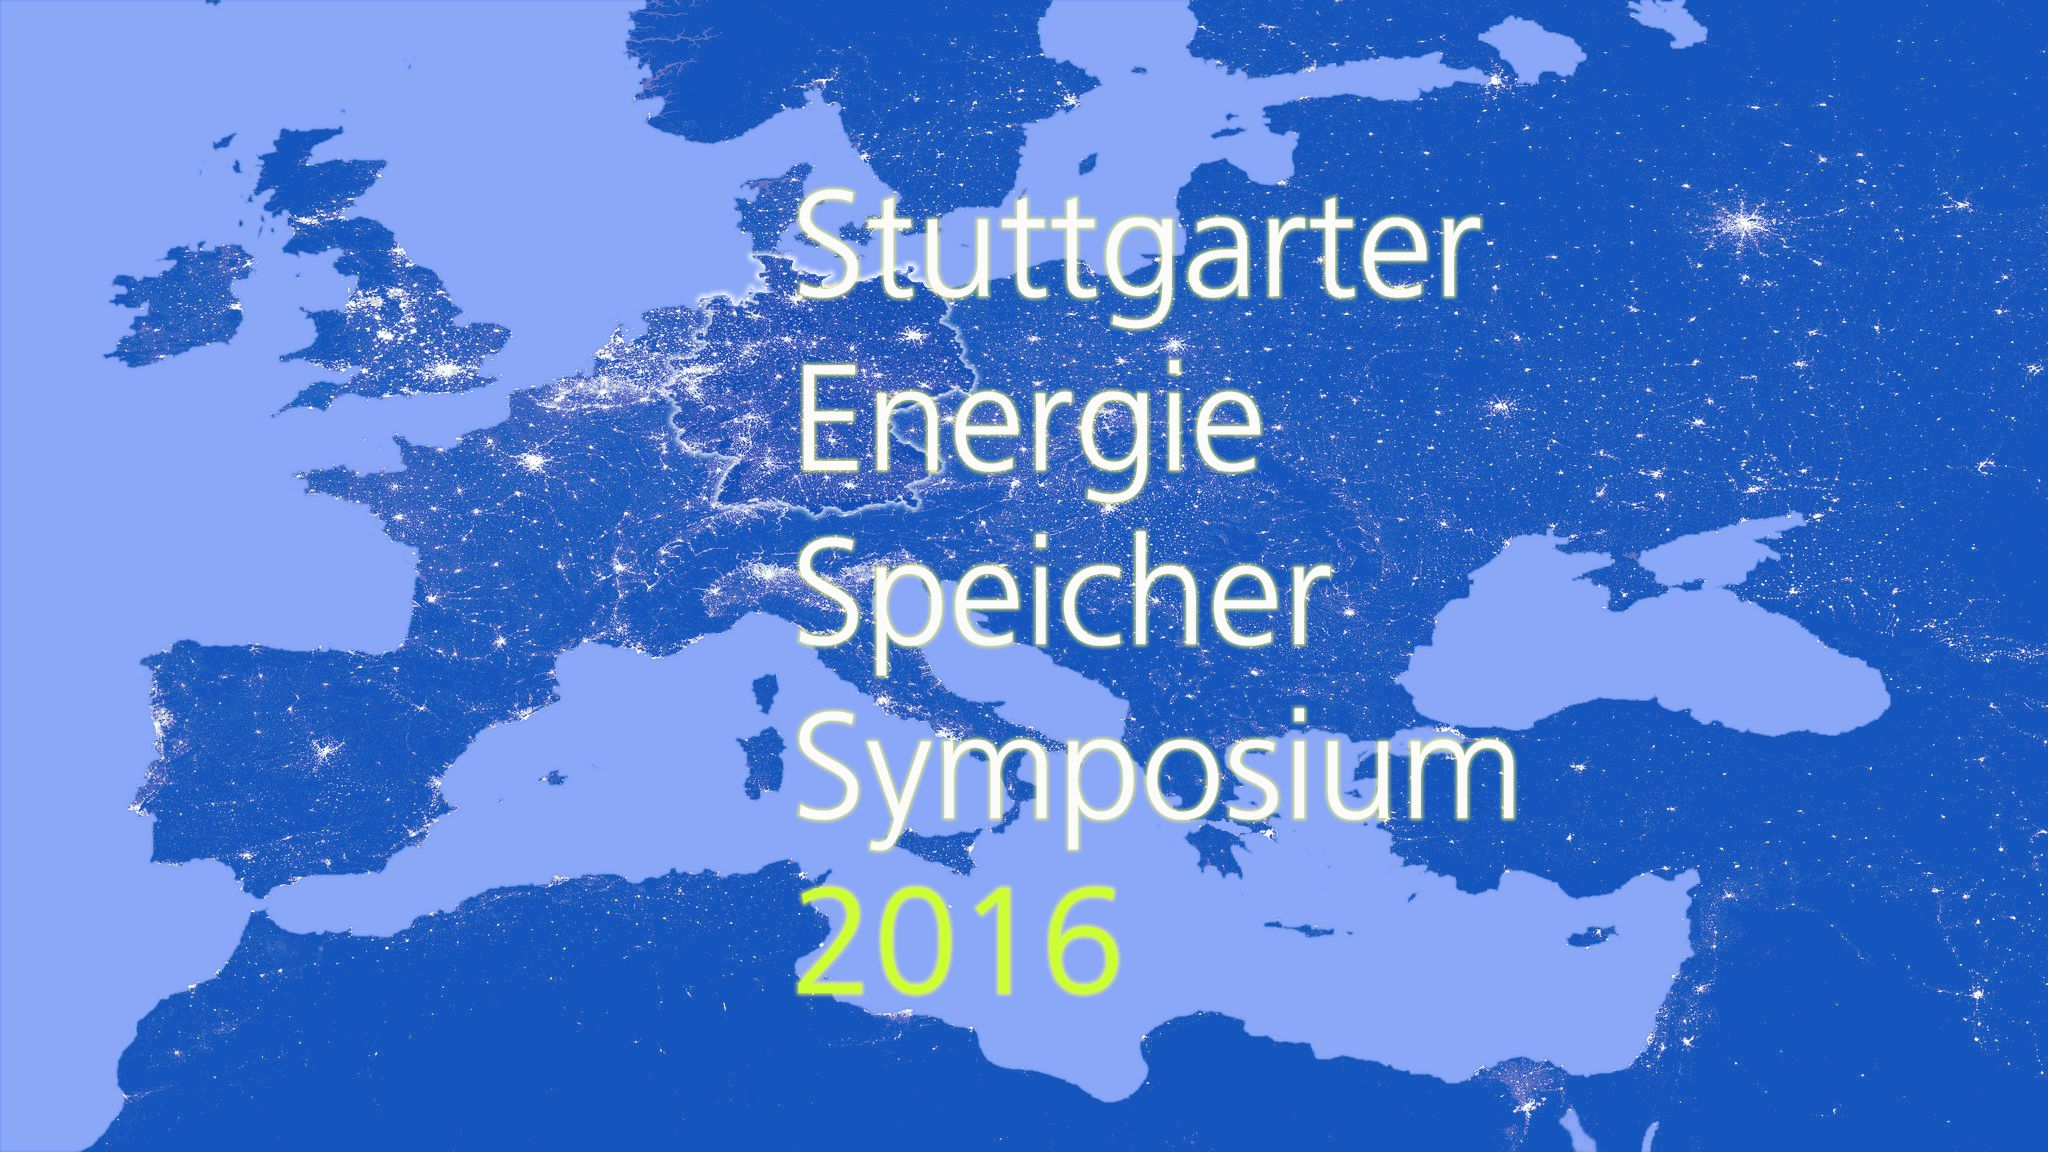 Stuttgarter Energie Speicher Symposium 2016 - Bild © DLR